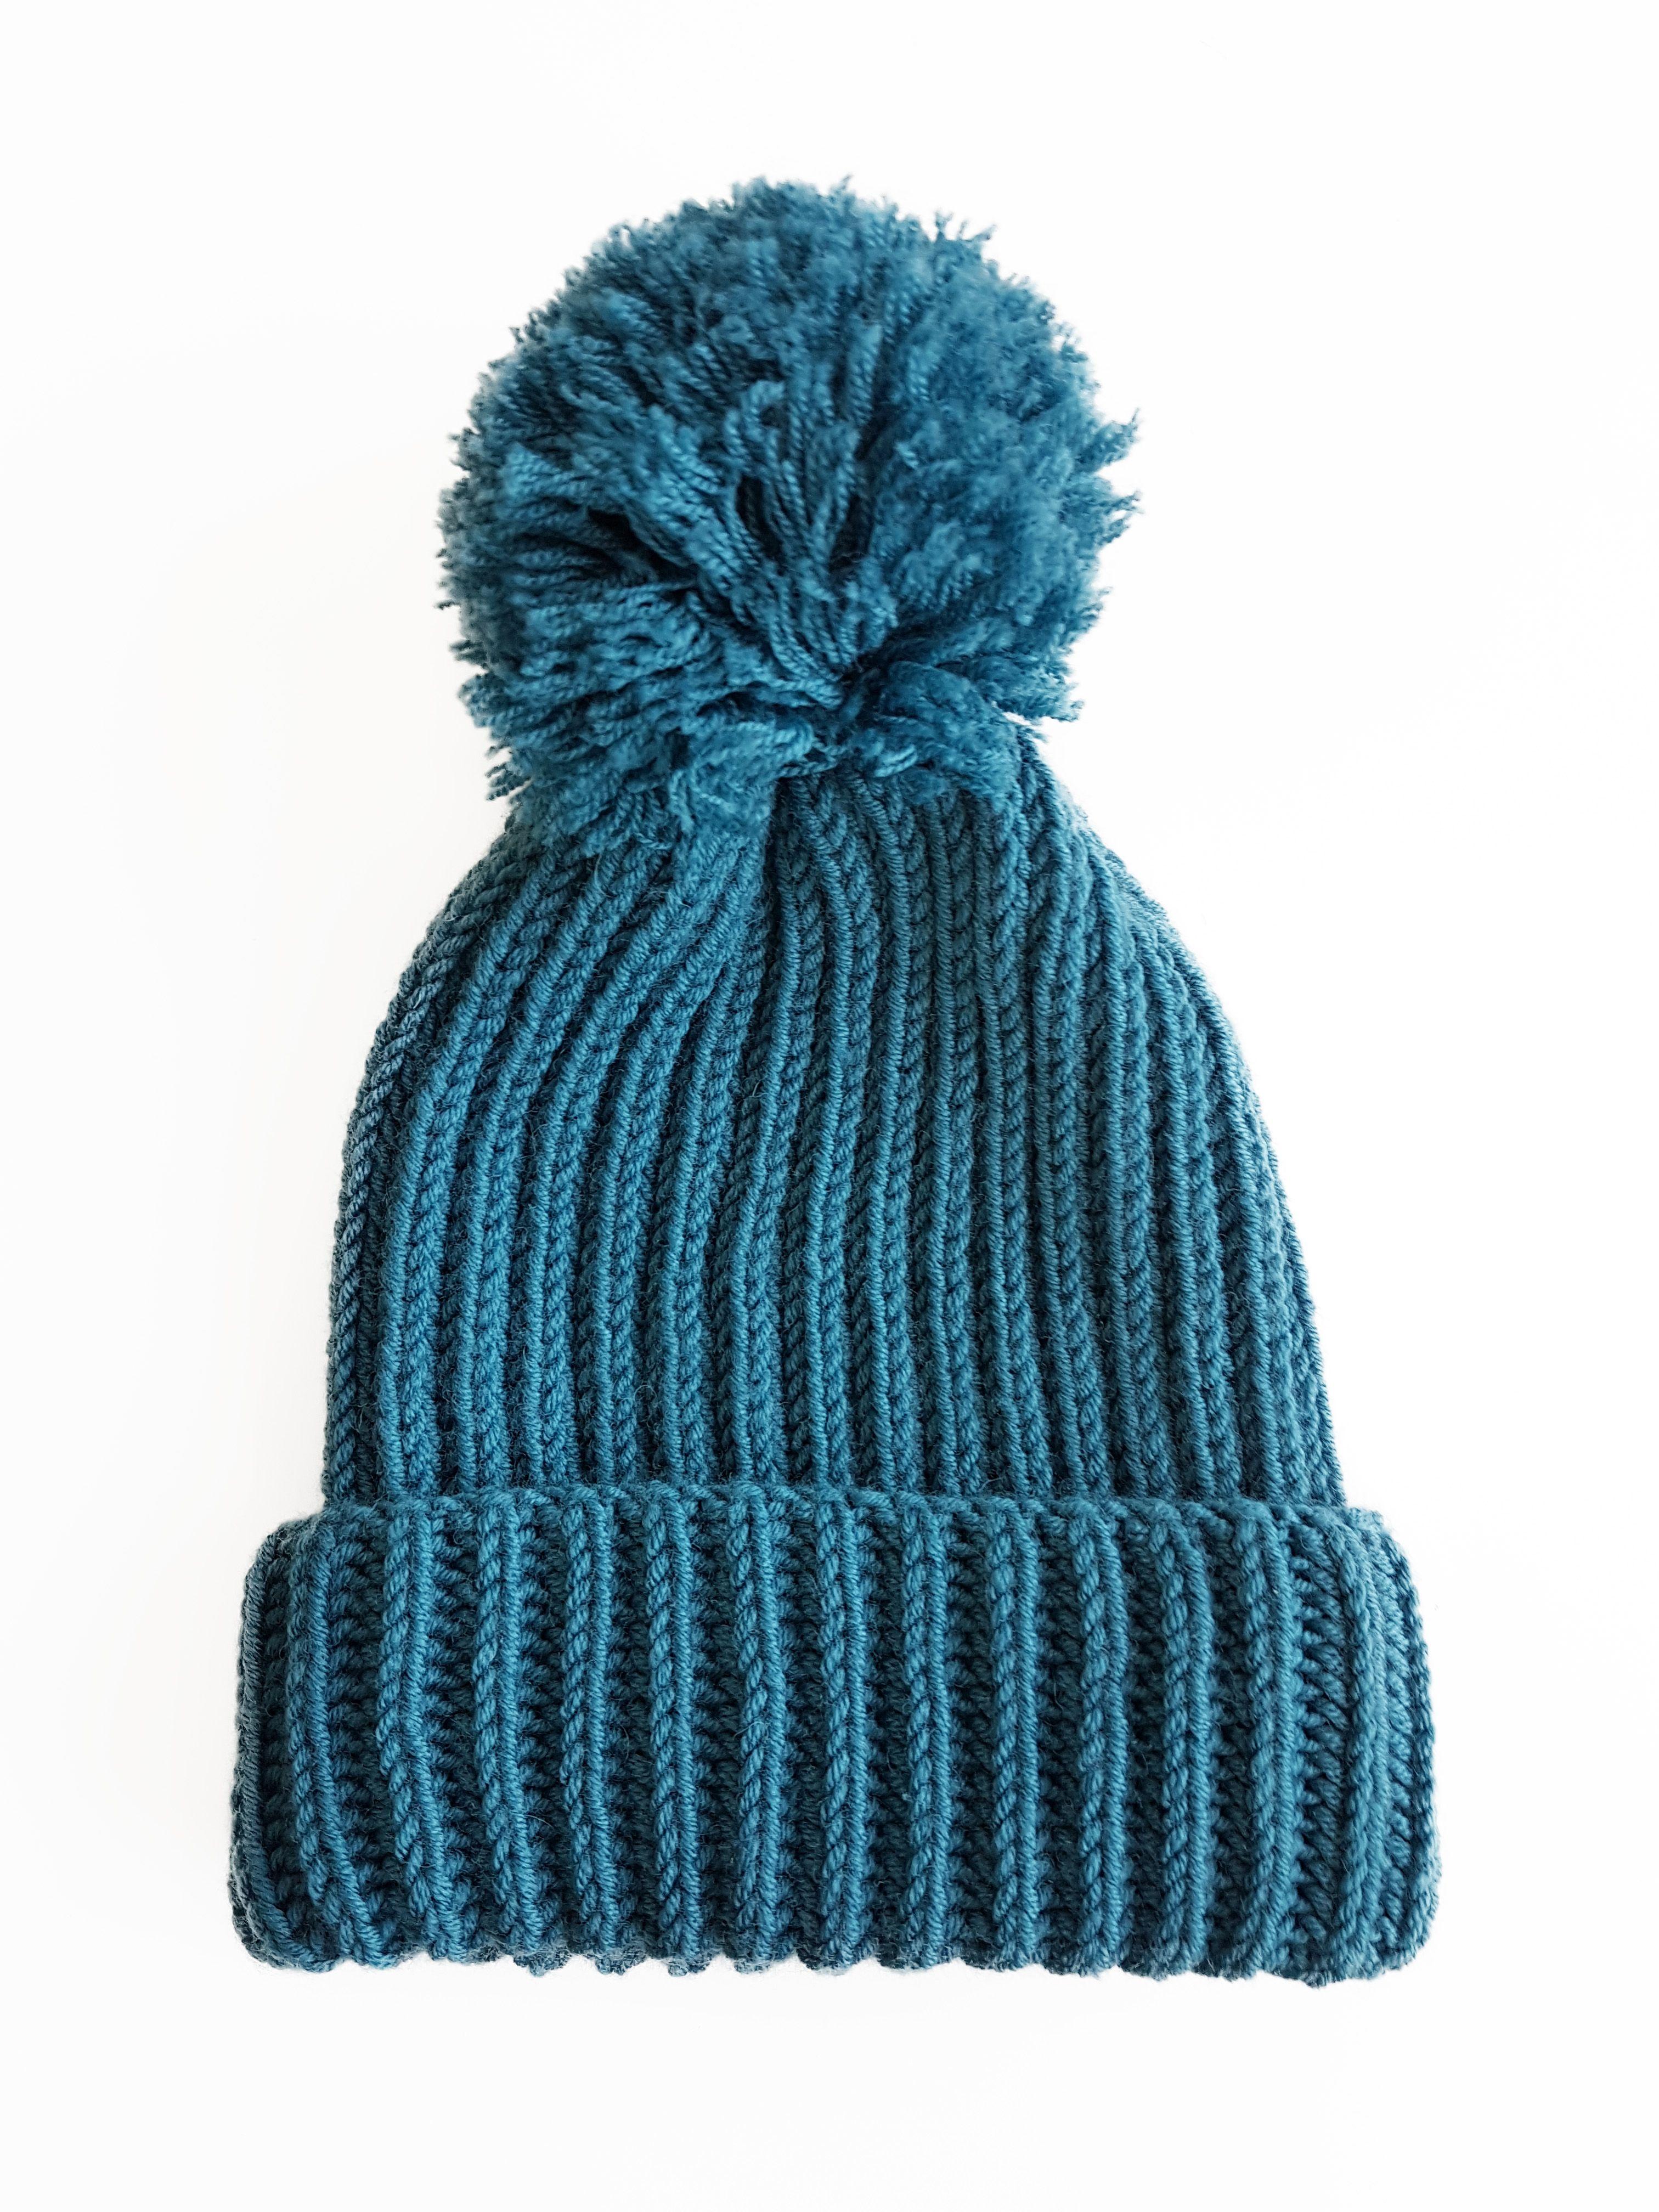 Hand Knitted Girls Autumn Spring Merino Wool Hat Child Knit Pompon Beanie